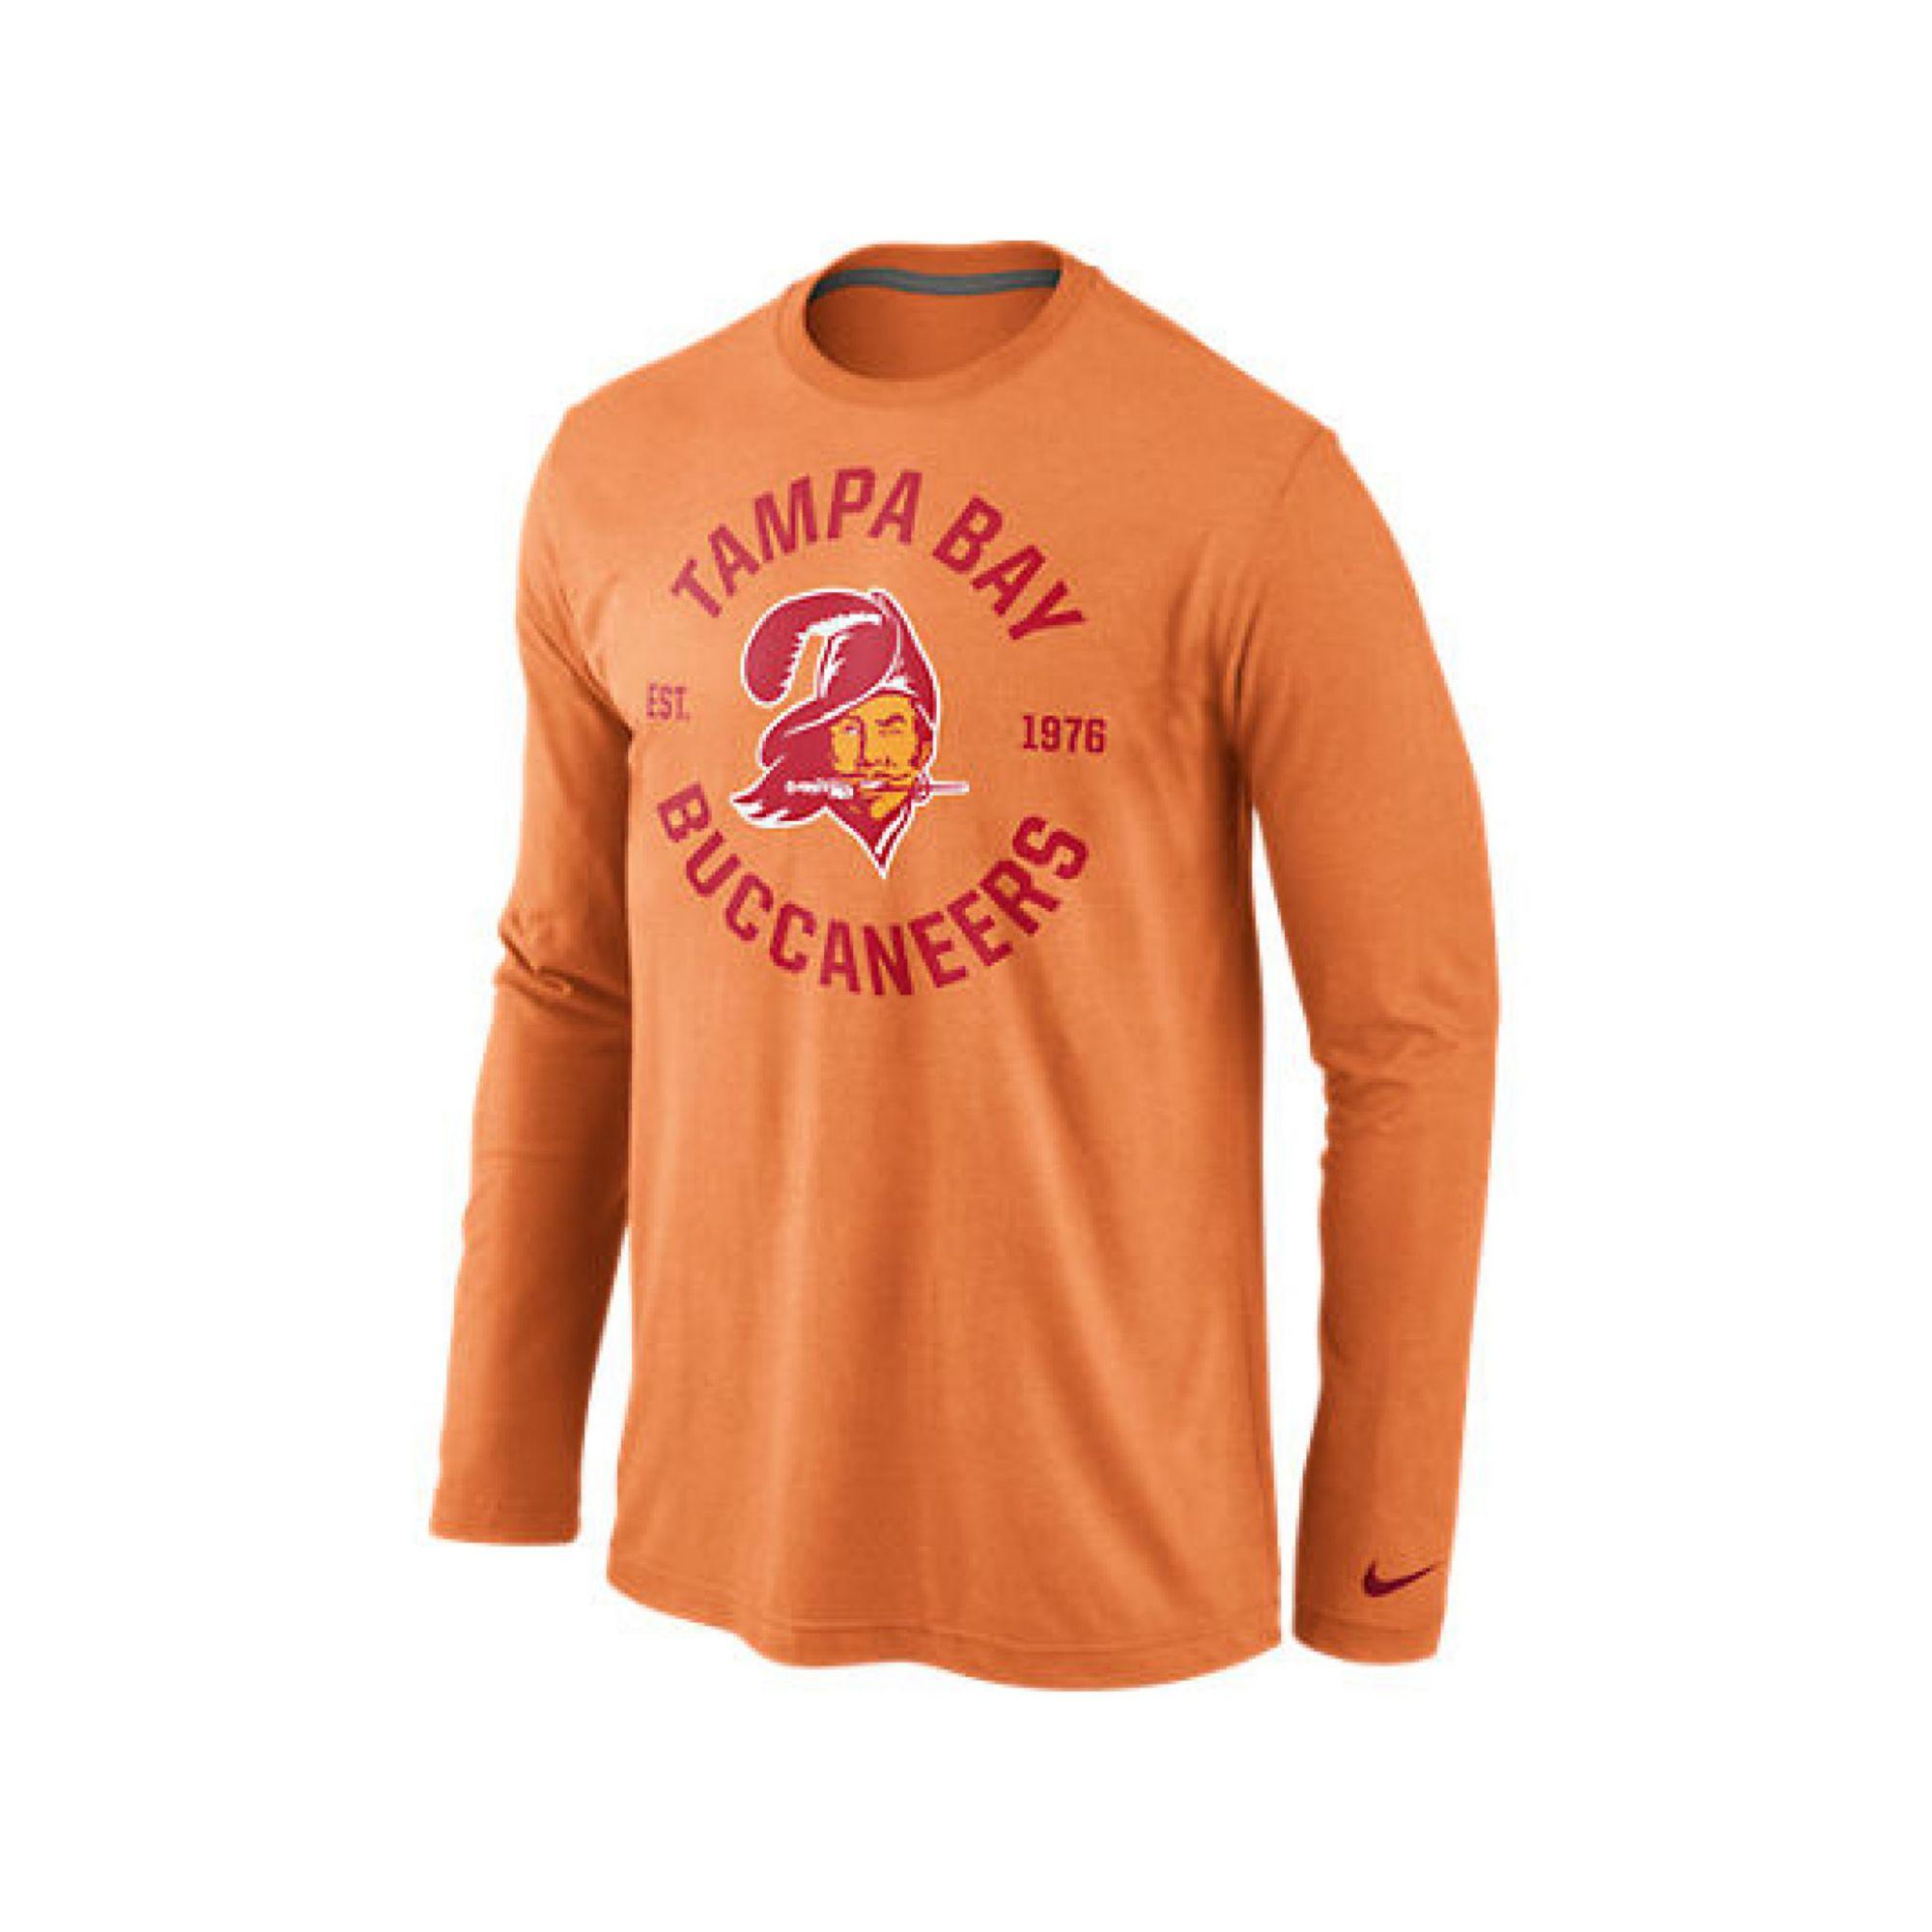 ... Nike Mens Longsleeve Tampa Bay Buccaneers Retro Stamp It Tsh ... c70b47ab9